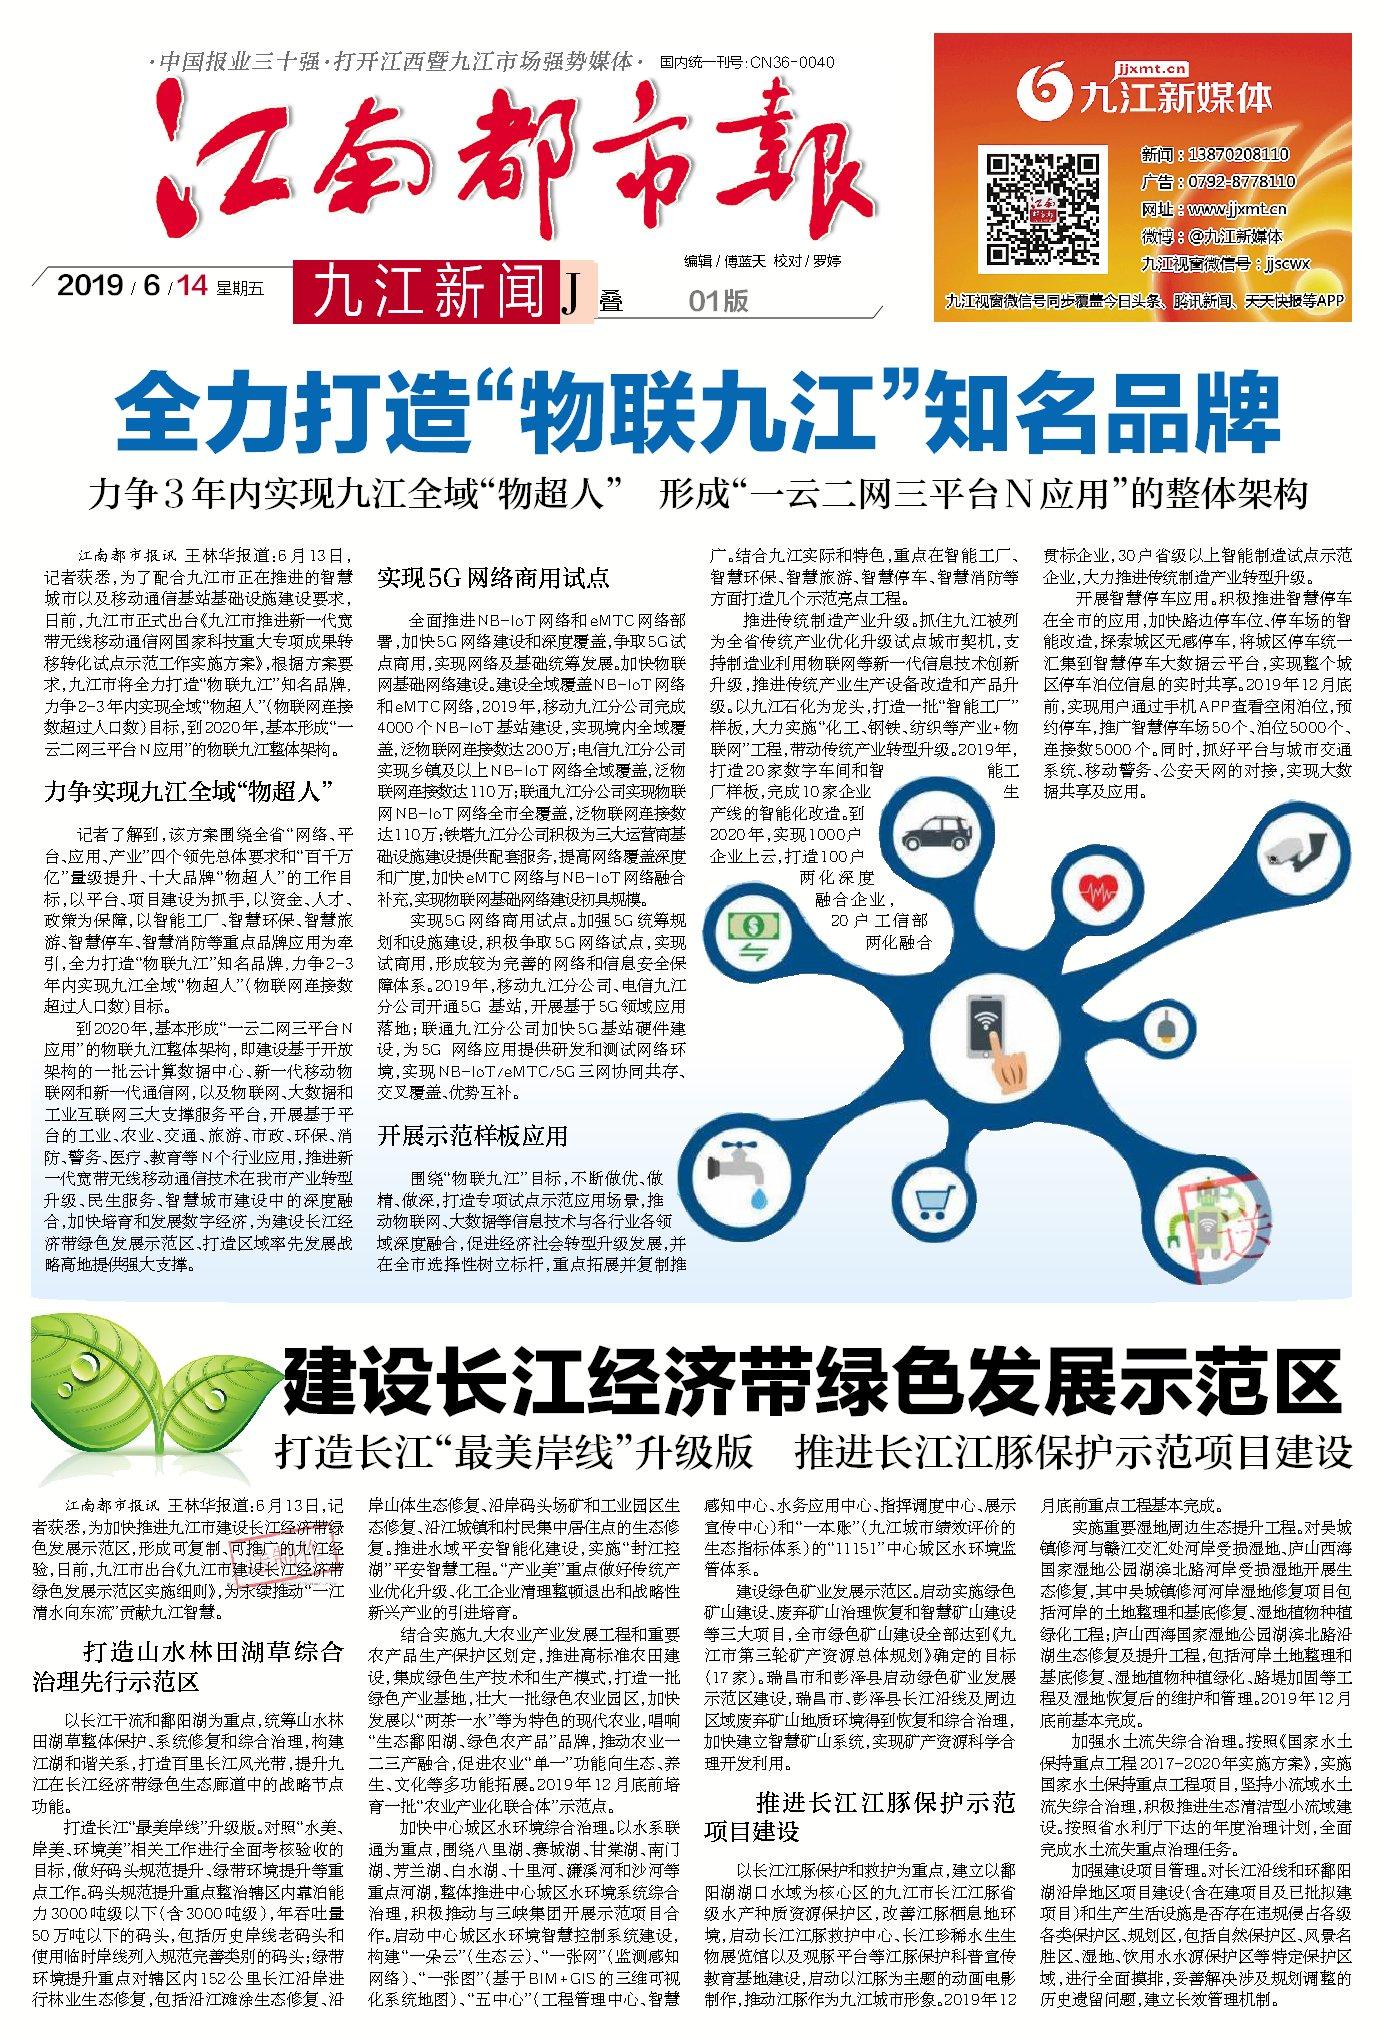 2019年6月14日江南都市报《亚博体育app苹果新闻》头版